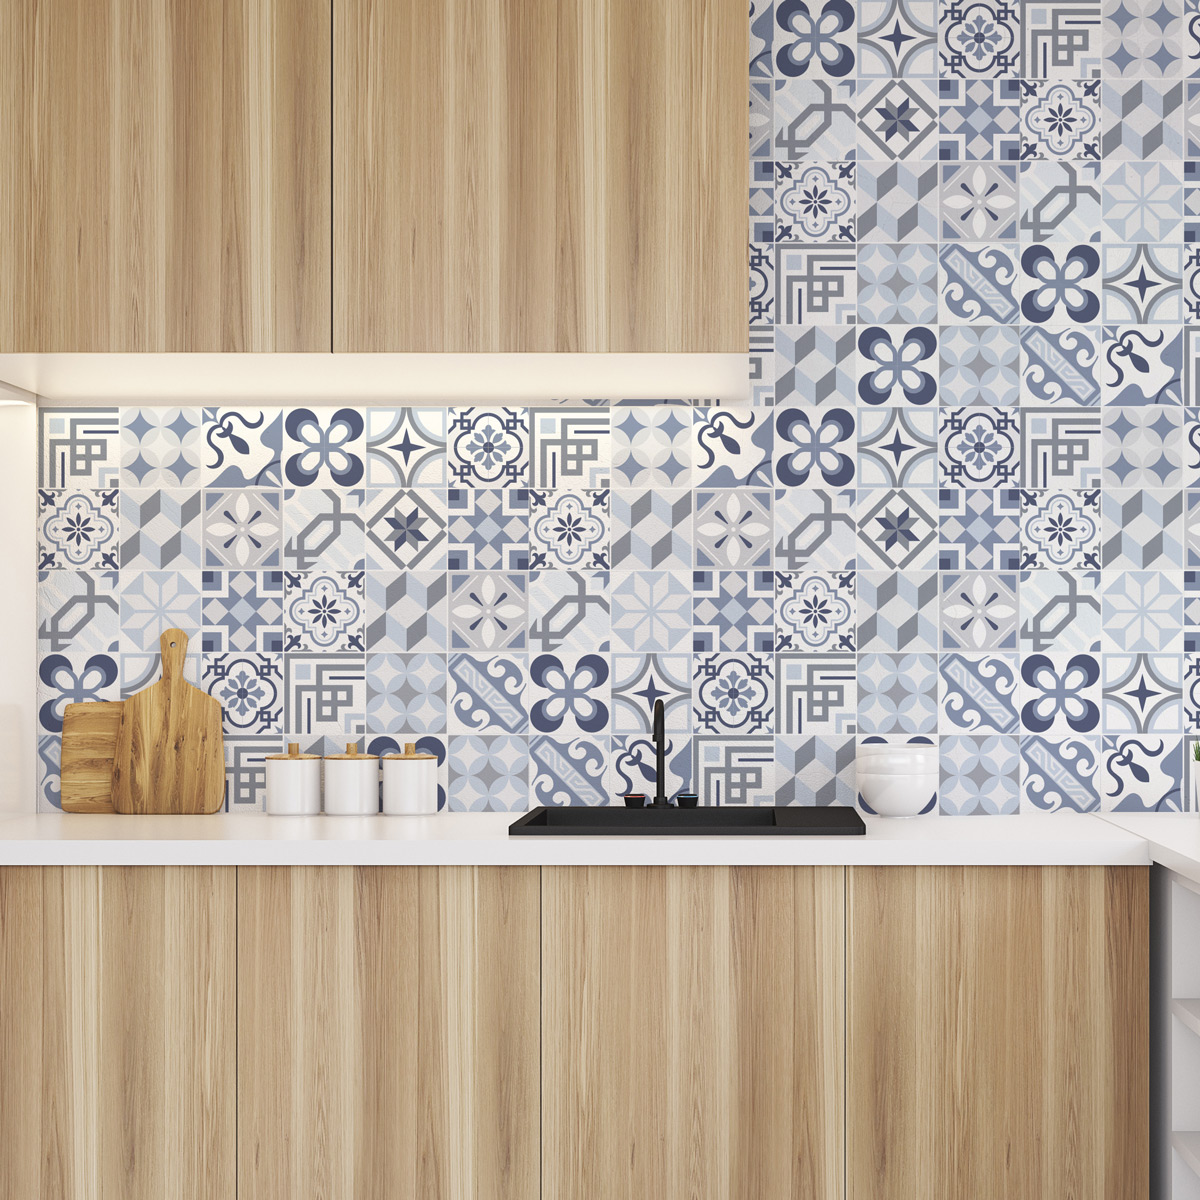 30 Adesivi Piastrelle Di Cemento Azulejos Folio Adesivo Cucina Piastrelle Ambiance Sticker